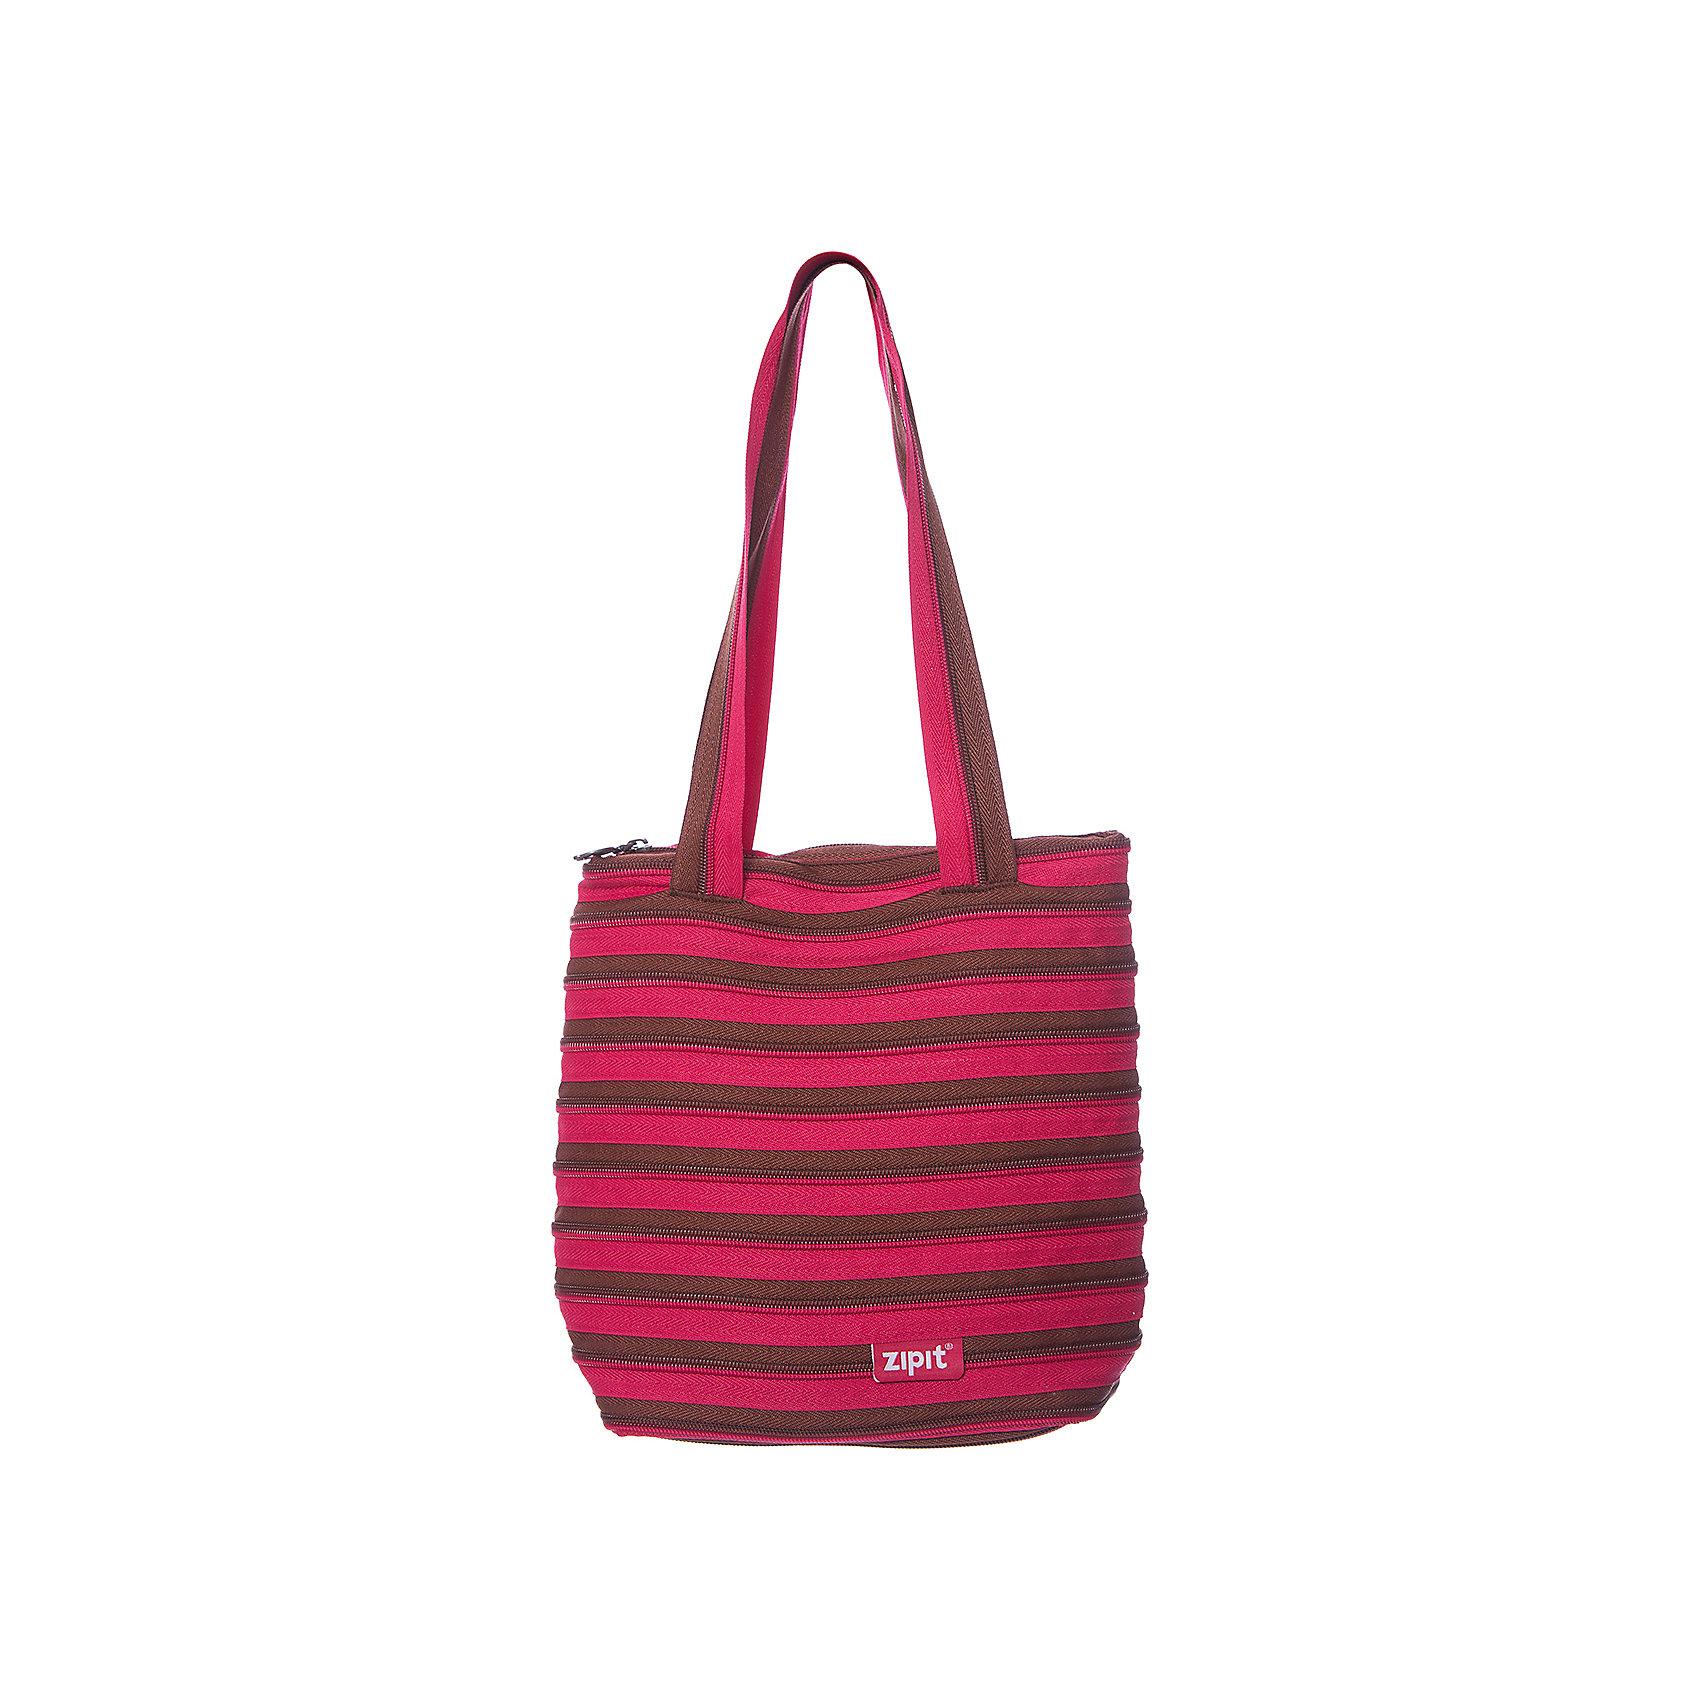 Сумка Premium Tote/Beach Bag, цвет розовый/коричневыйДетские сумки<br>Вес: 0,2 кг<br>Размер: 28х10х28 см<br>Состав: Сумка<br>Наличие светоотражающих элементов: нет<br>Материал: полиэстер<br><br>Ширина мм: 280<br>Глубина мм: 100<br>Высота мм: 280<br>Вес г: 200<br>Возраст от месяцев: 84<br>Возраст до месяцев: 180<br>Пол: Унисекс<br>Возраст: Детский<br>SKU: 7054150